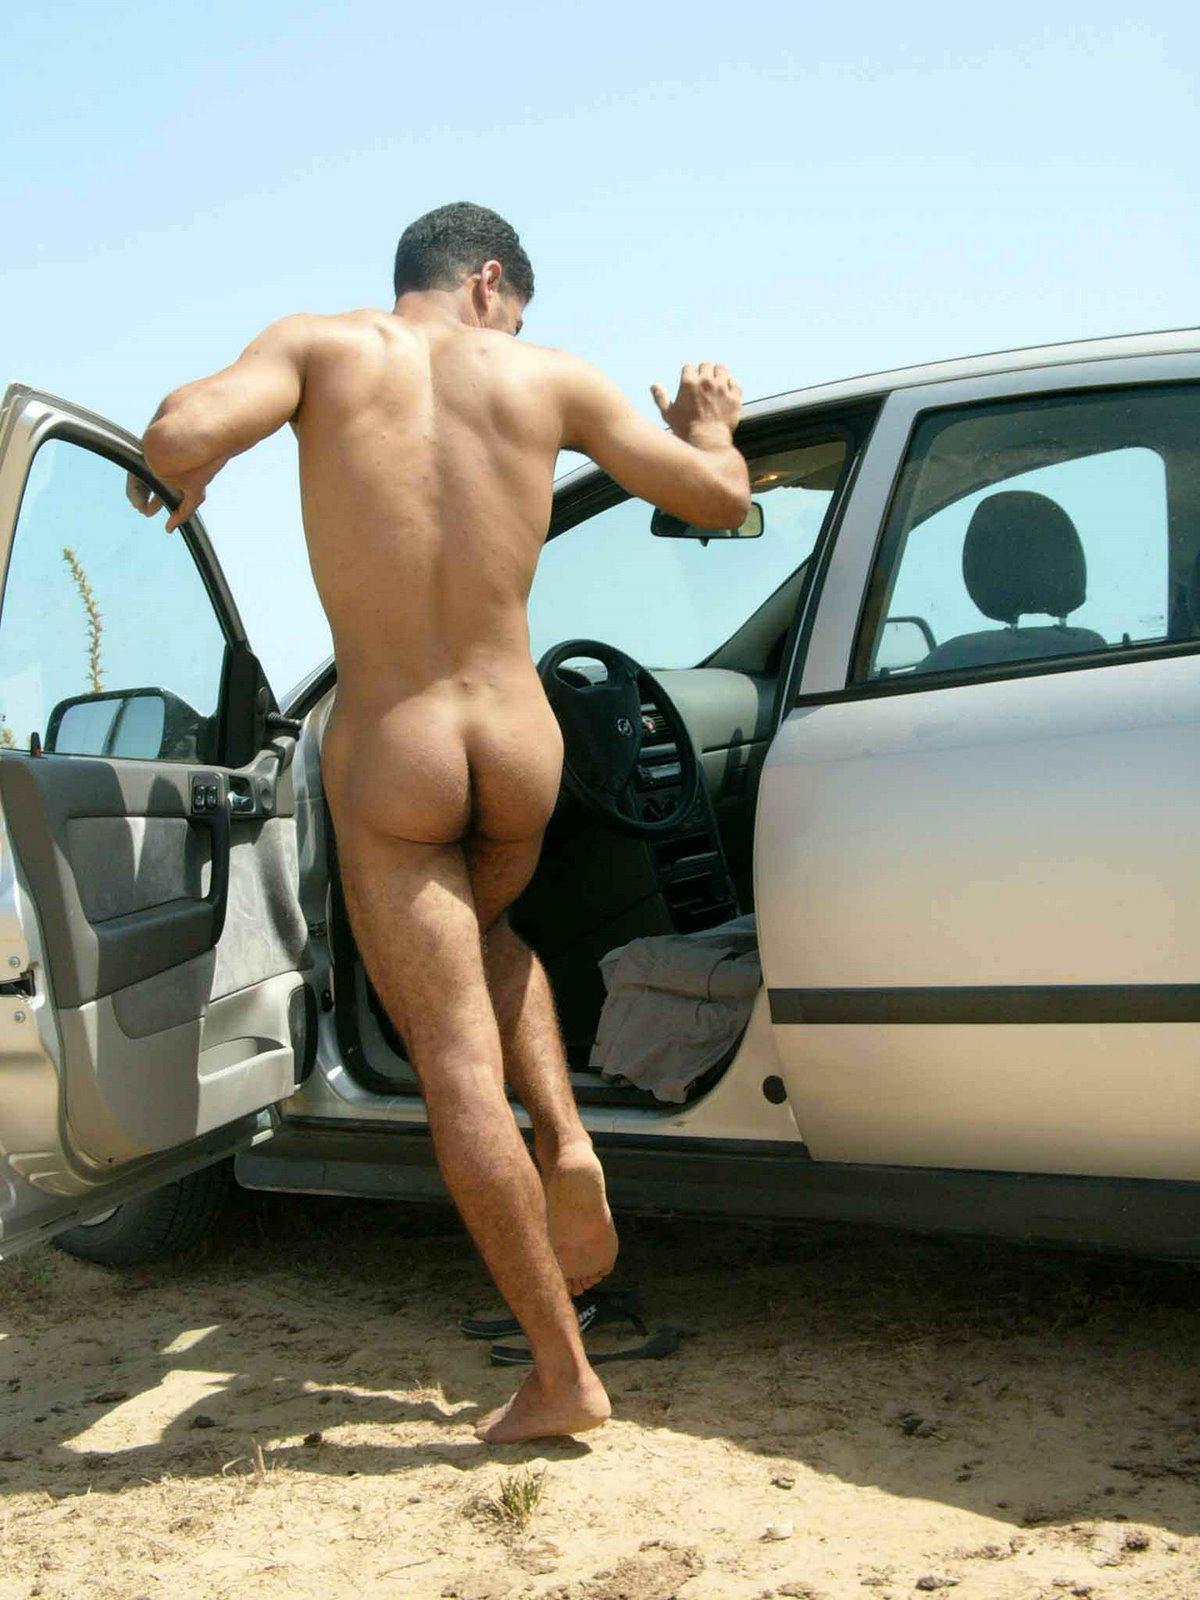 exhib en voiture sauna gay dijon